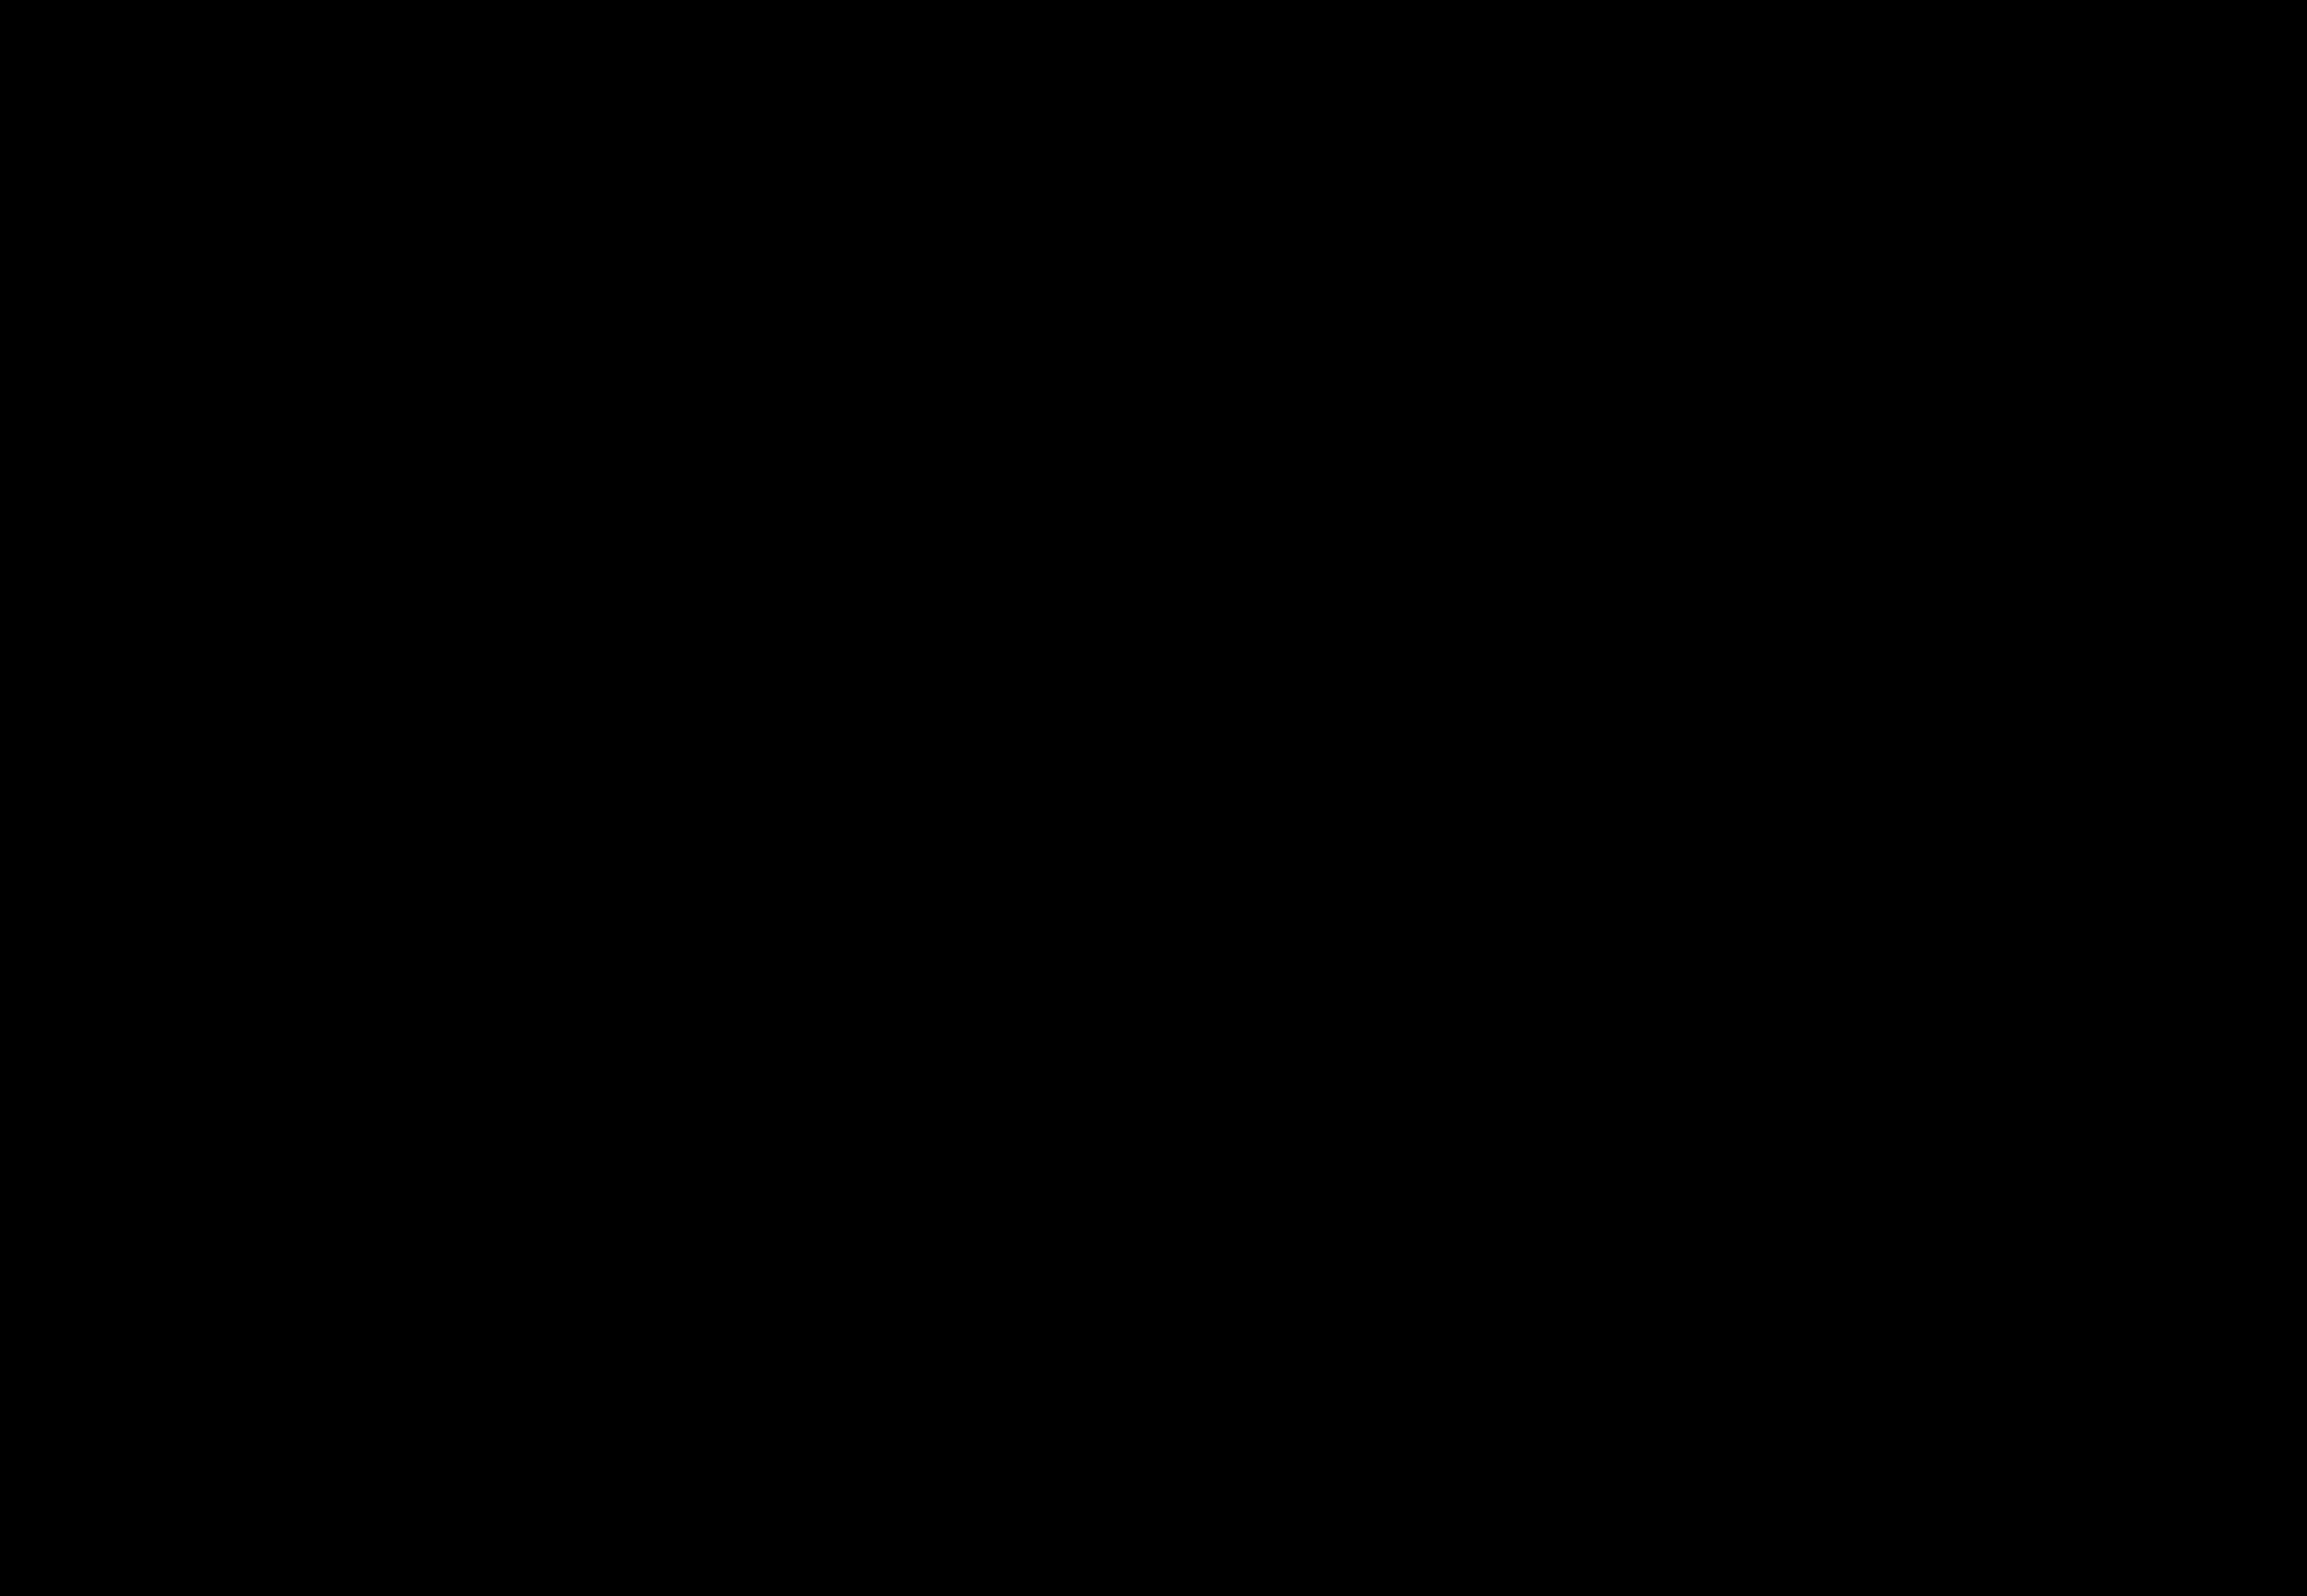 Plan du cadastre napoléonien - Atlas cantonal - Belloy-en-Santerre (Belloy) : A